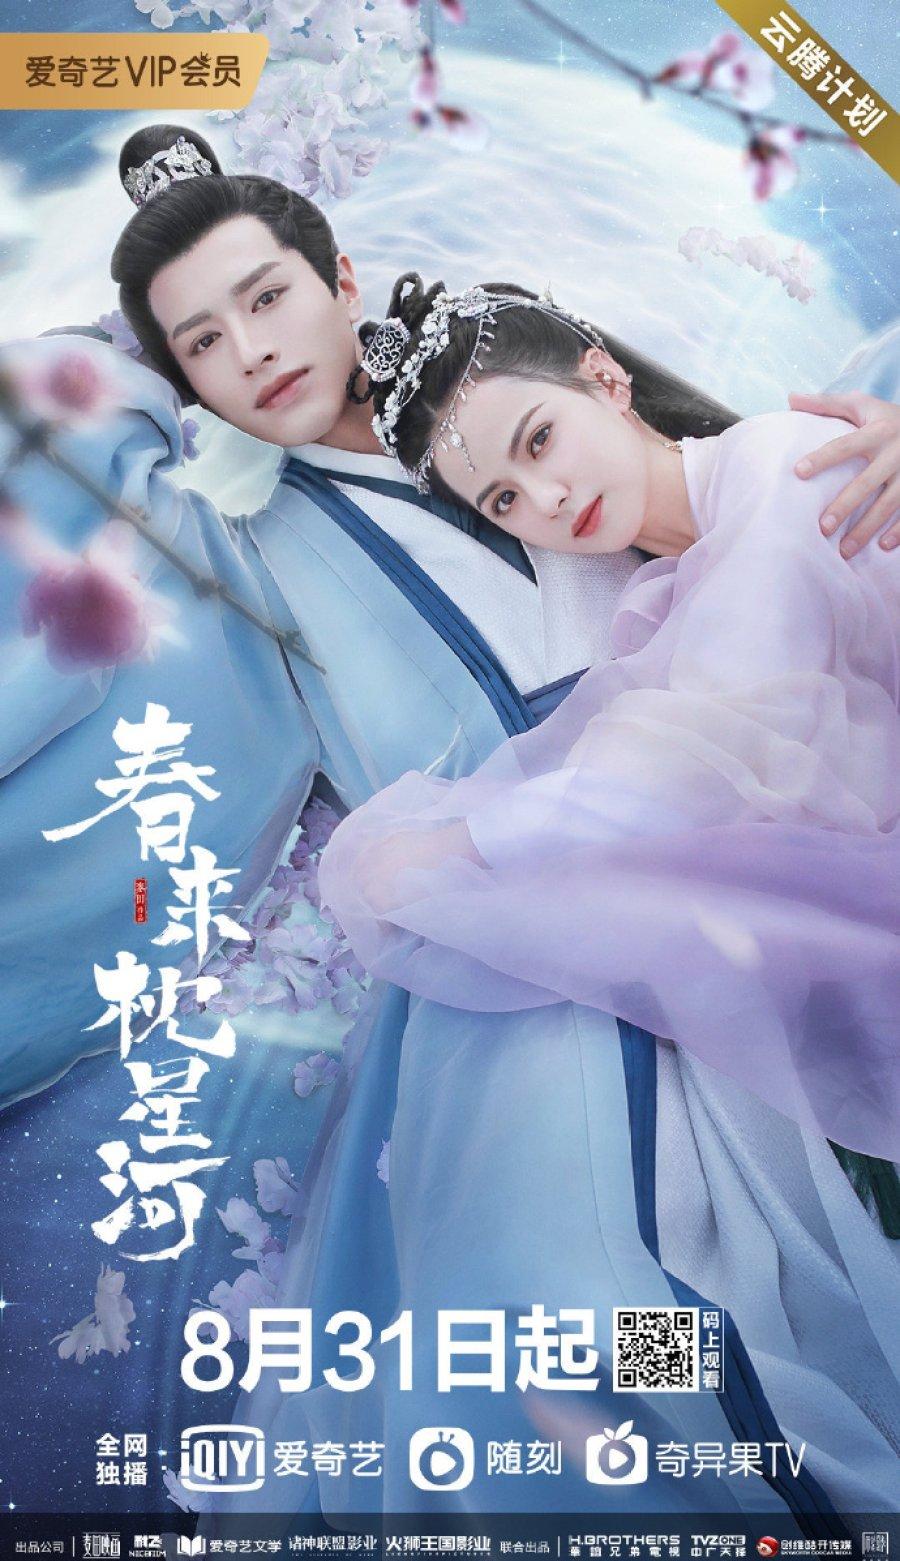 2vkvd 4f - Весенний сон в звёздной реке ✦ 2021 ✦ Китай